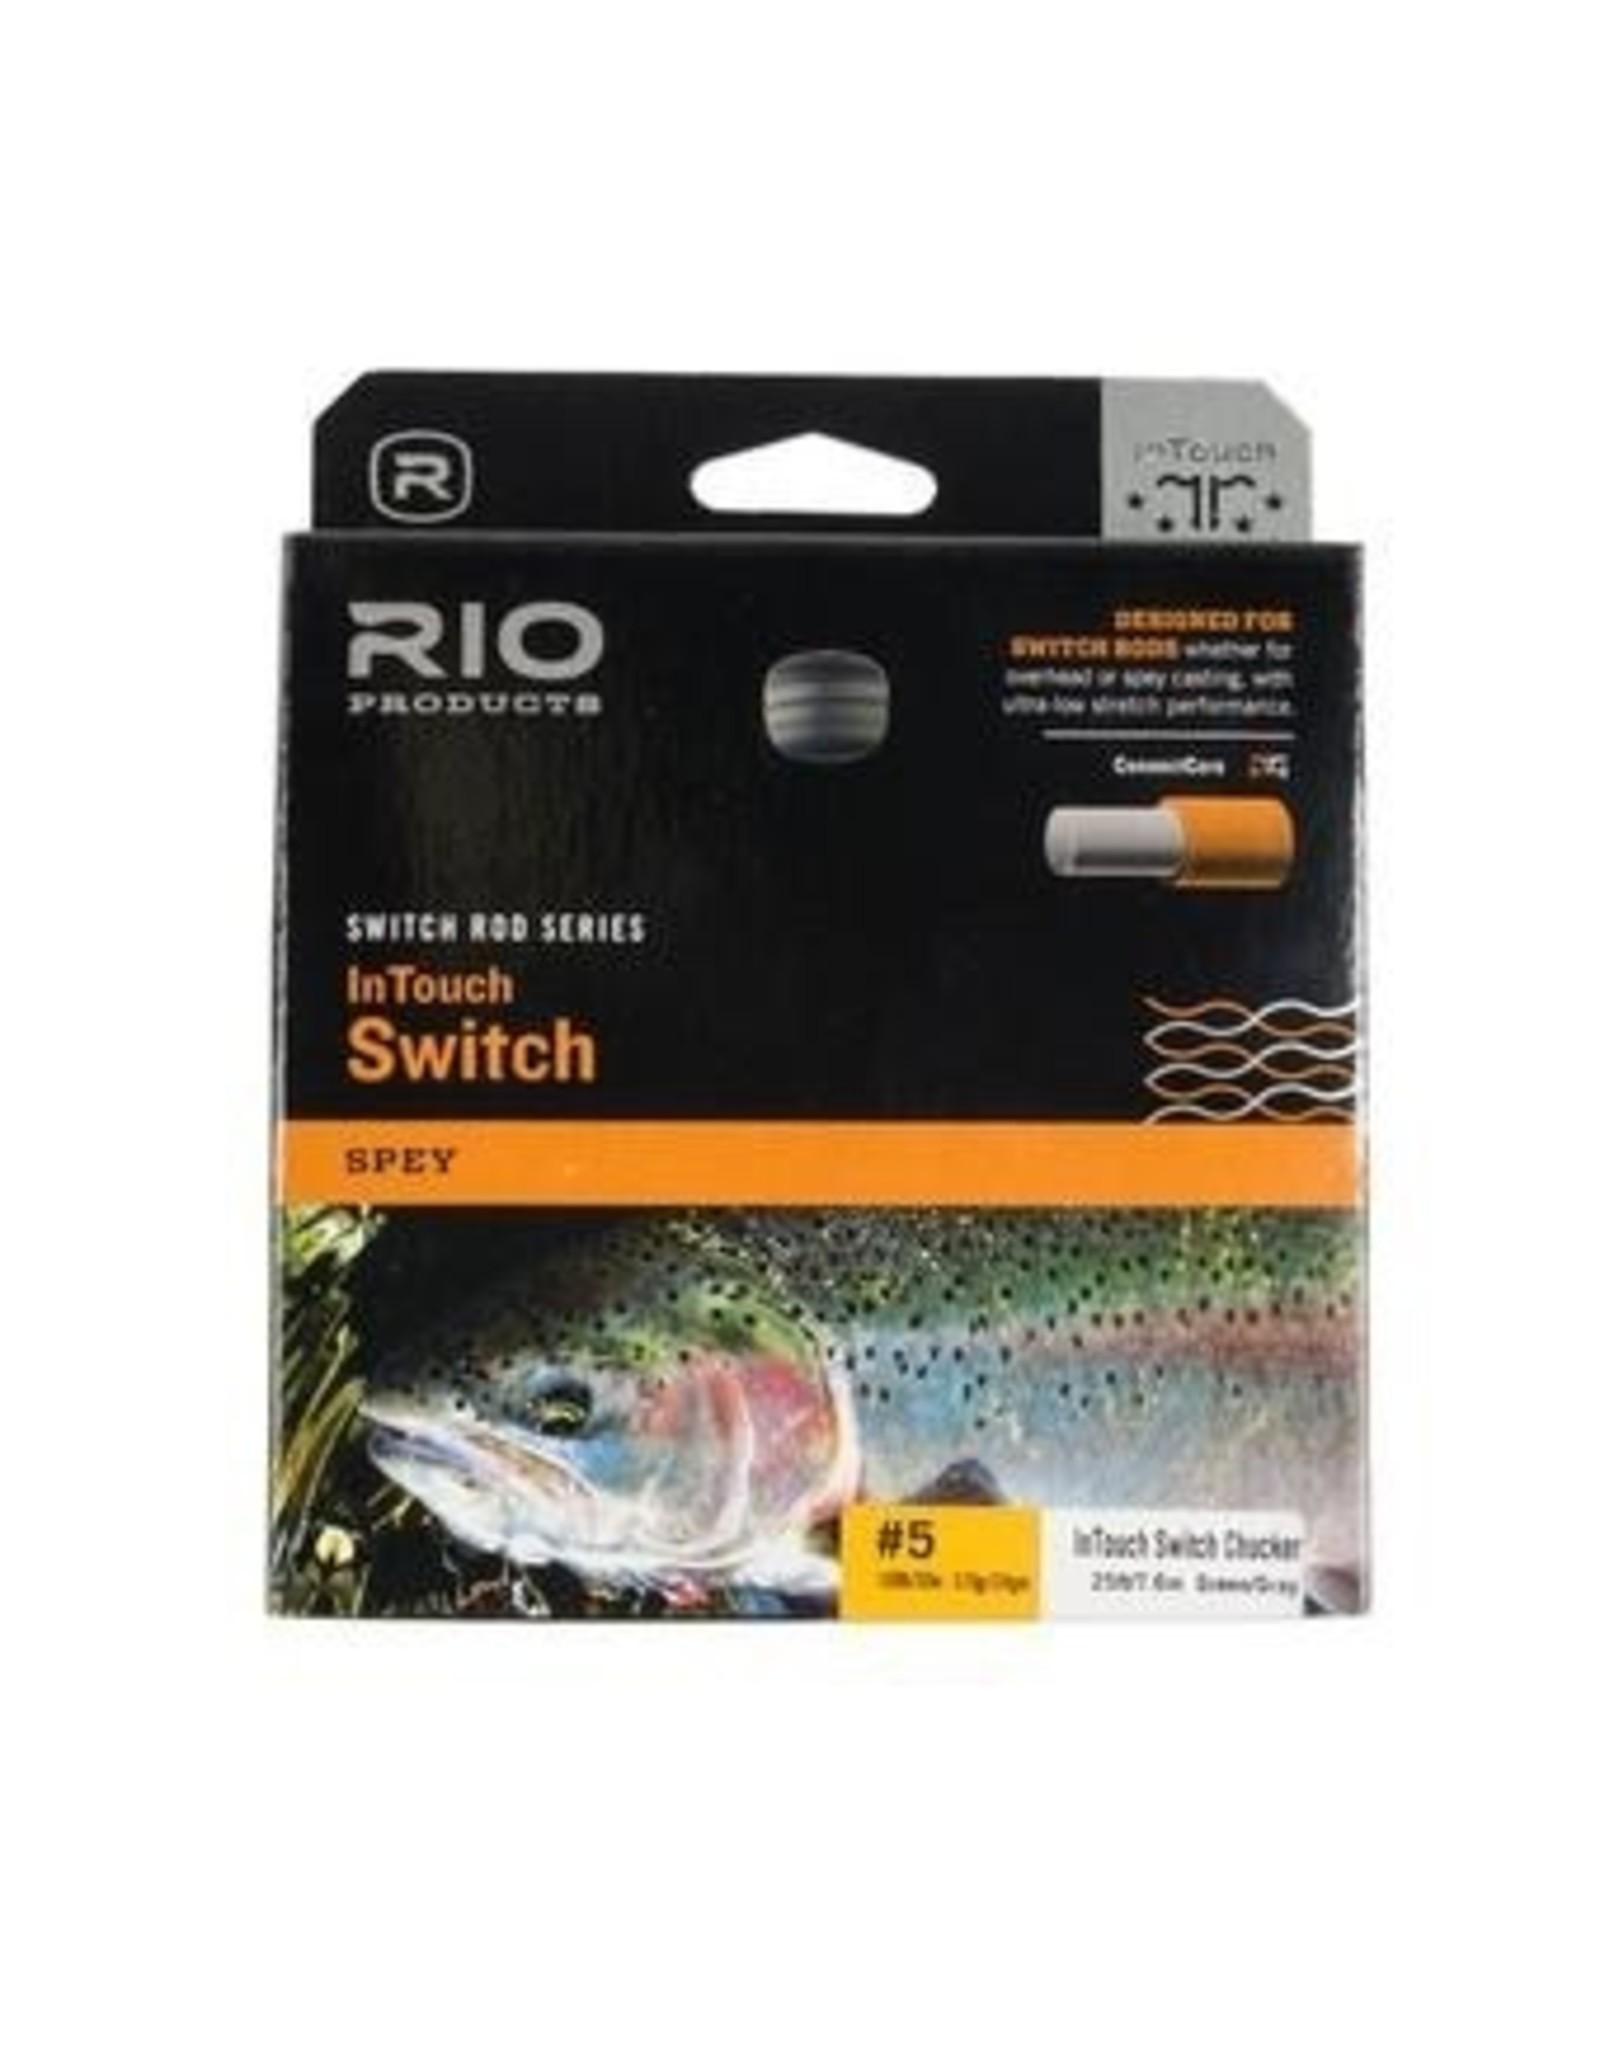 Rio Rio Intouch Switch Line Chucker #5